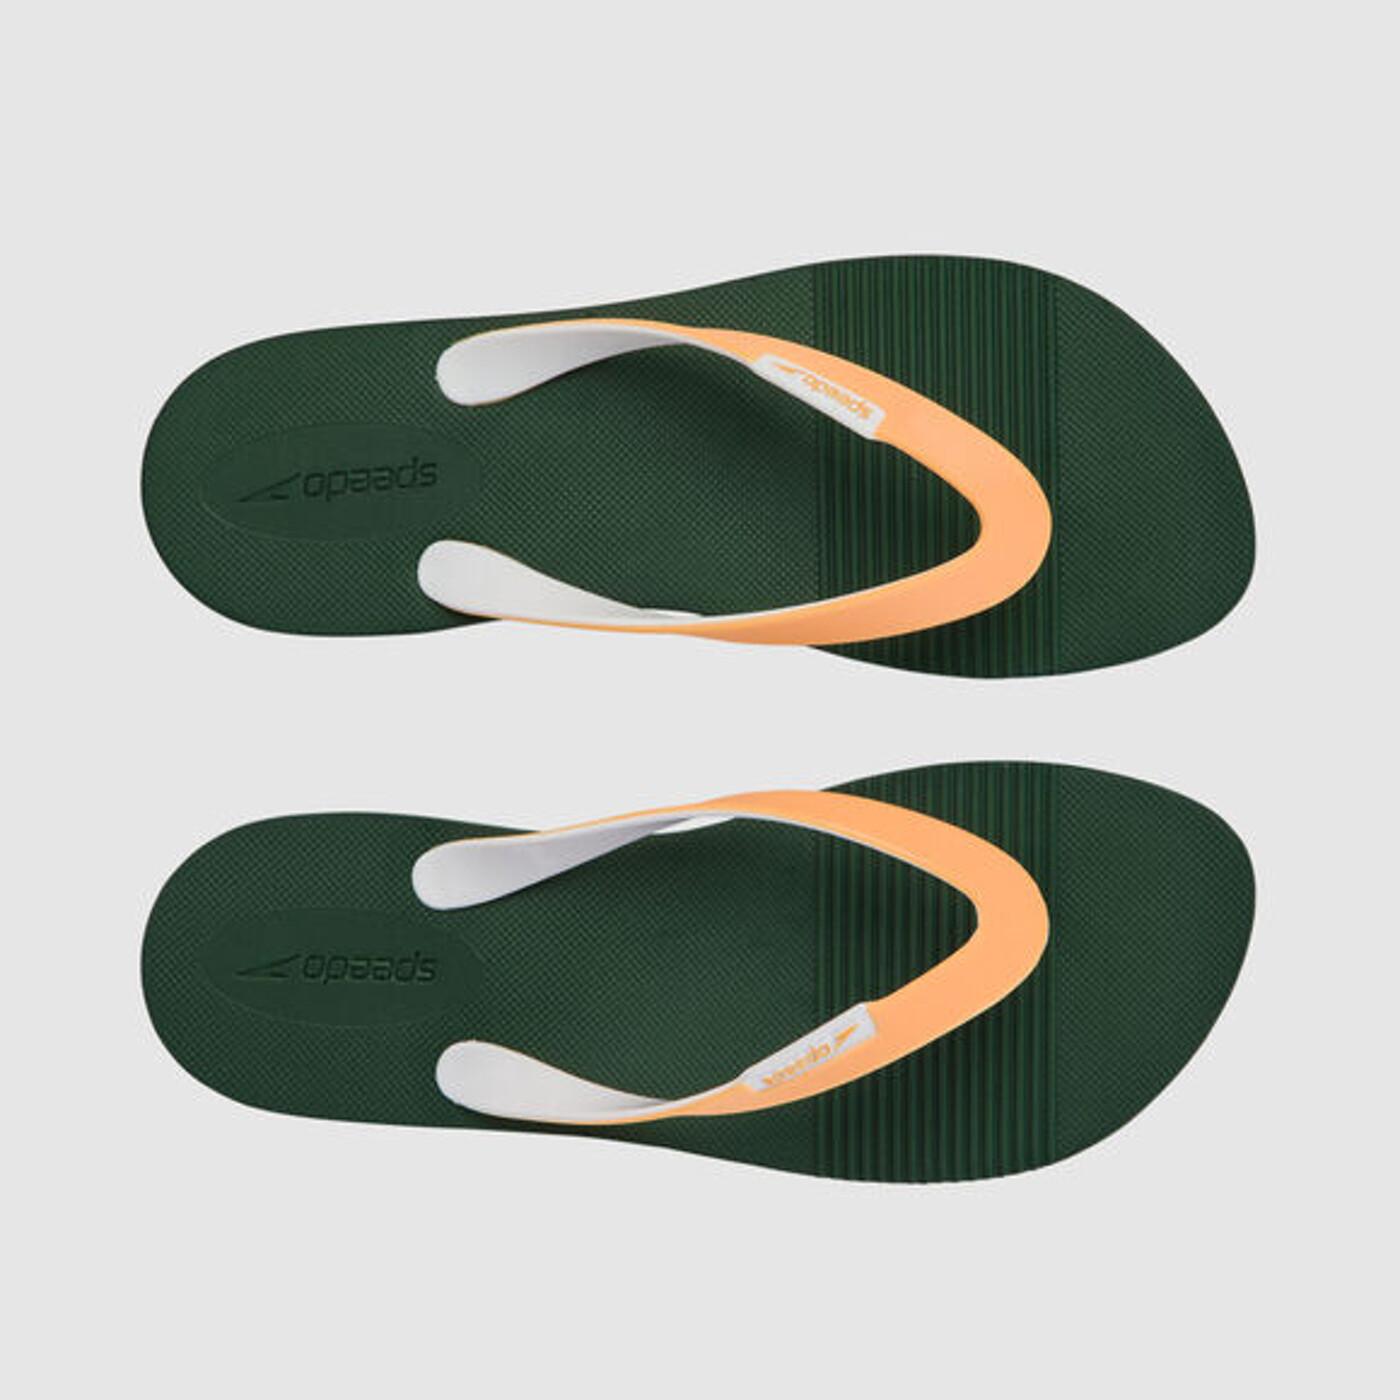 SPEEDO Saturate II Mens Flip Flops GREEN/ORG - Herren